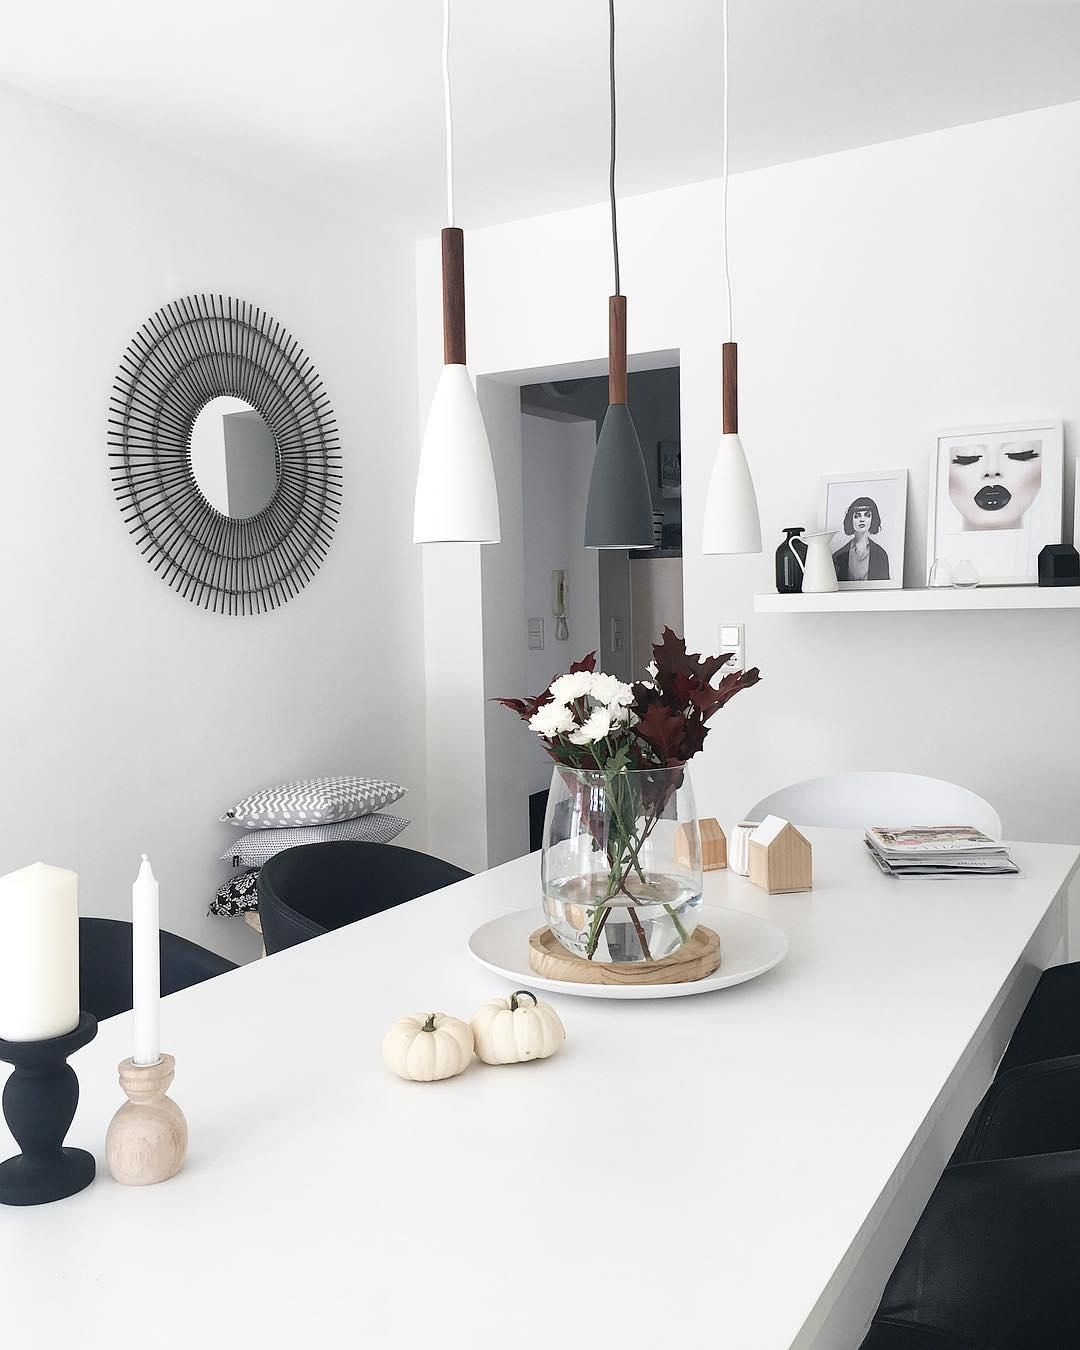 Spiegel überm Esstisch pin westwing home living deutschland auf spieglein spieglein